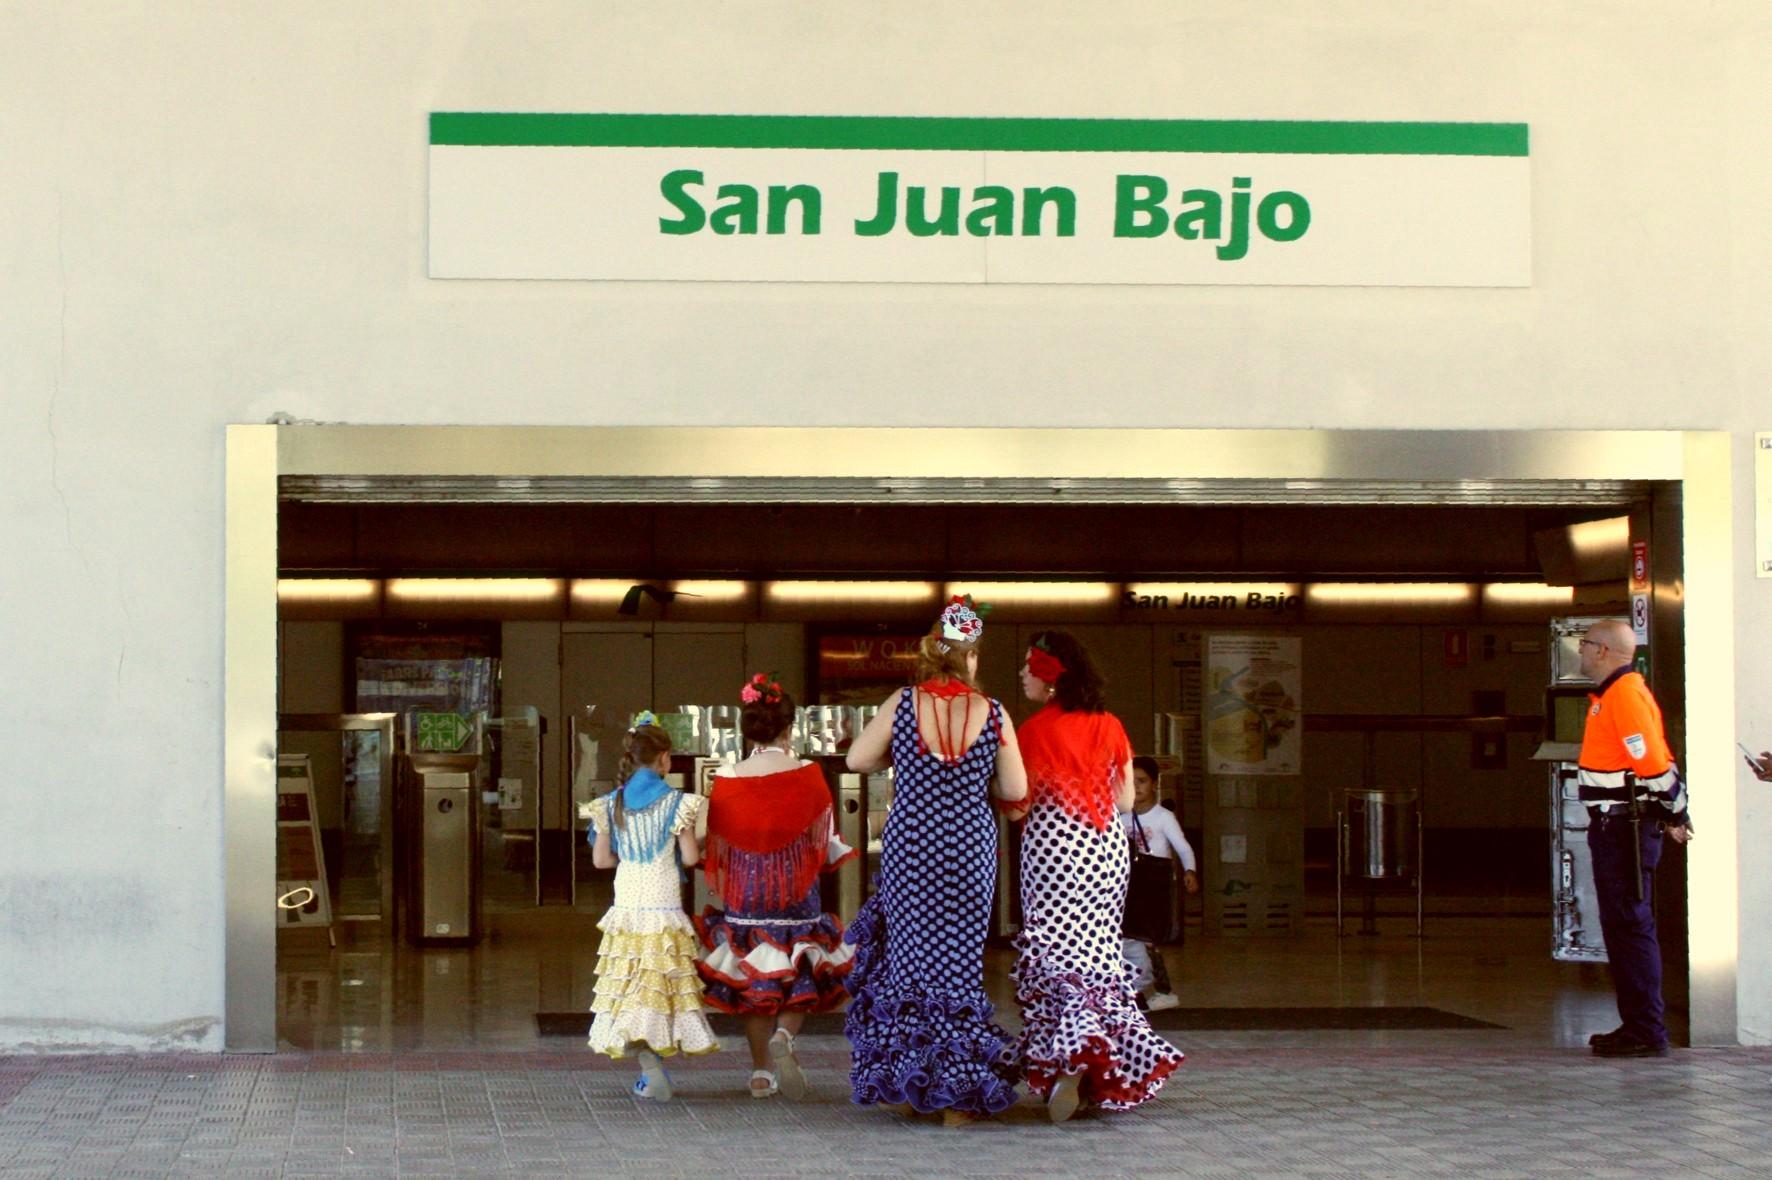 Los sevillanos dejan el coche en el parking de San Juan Bajo para llegar al recinto ferial en metro.